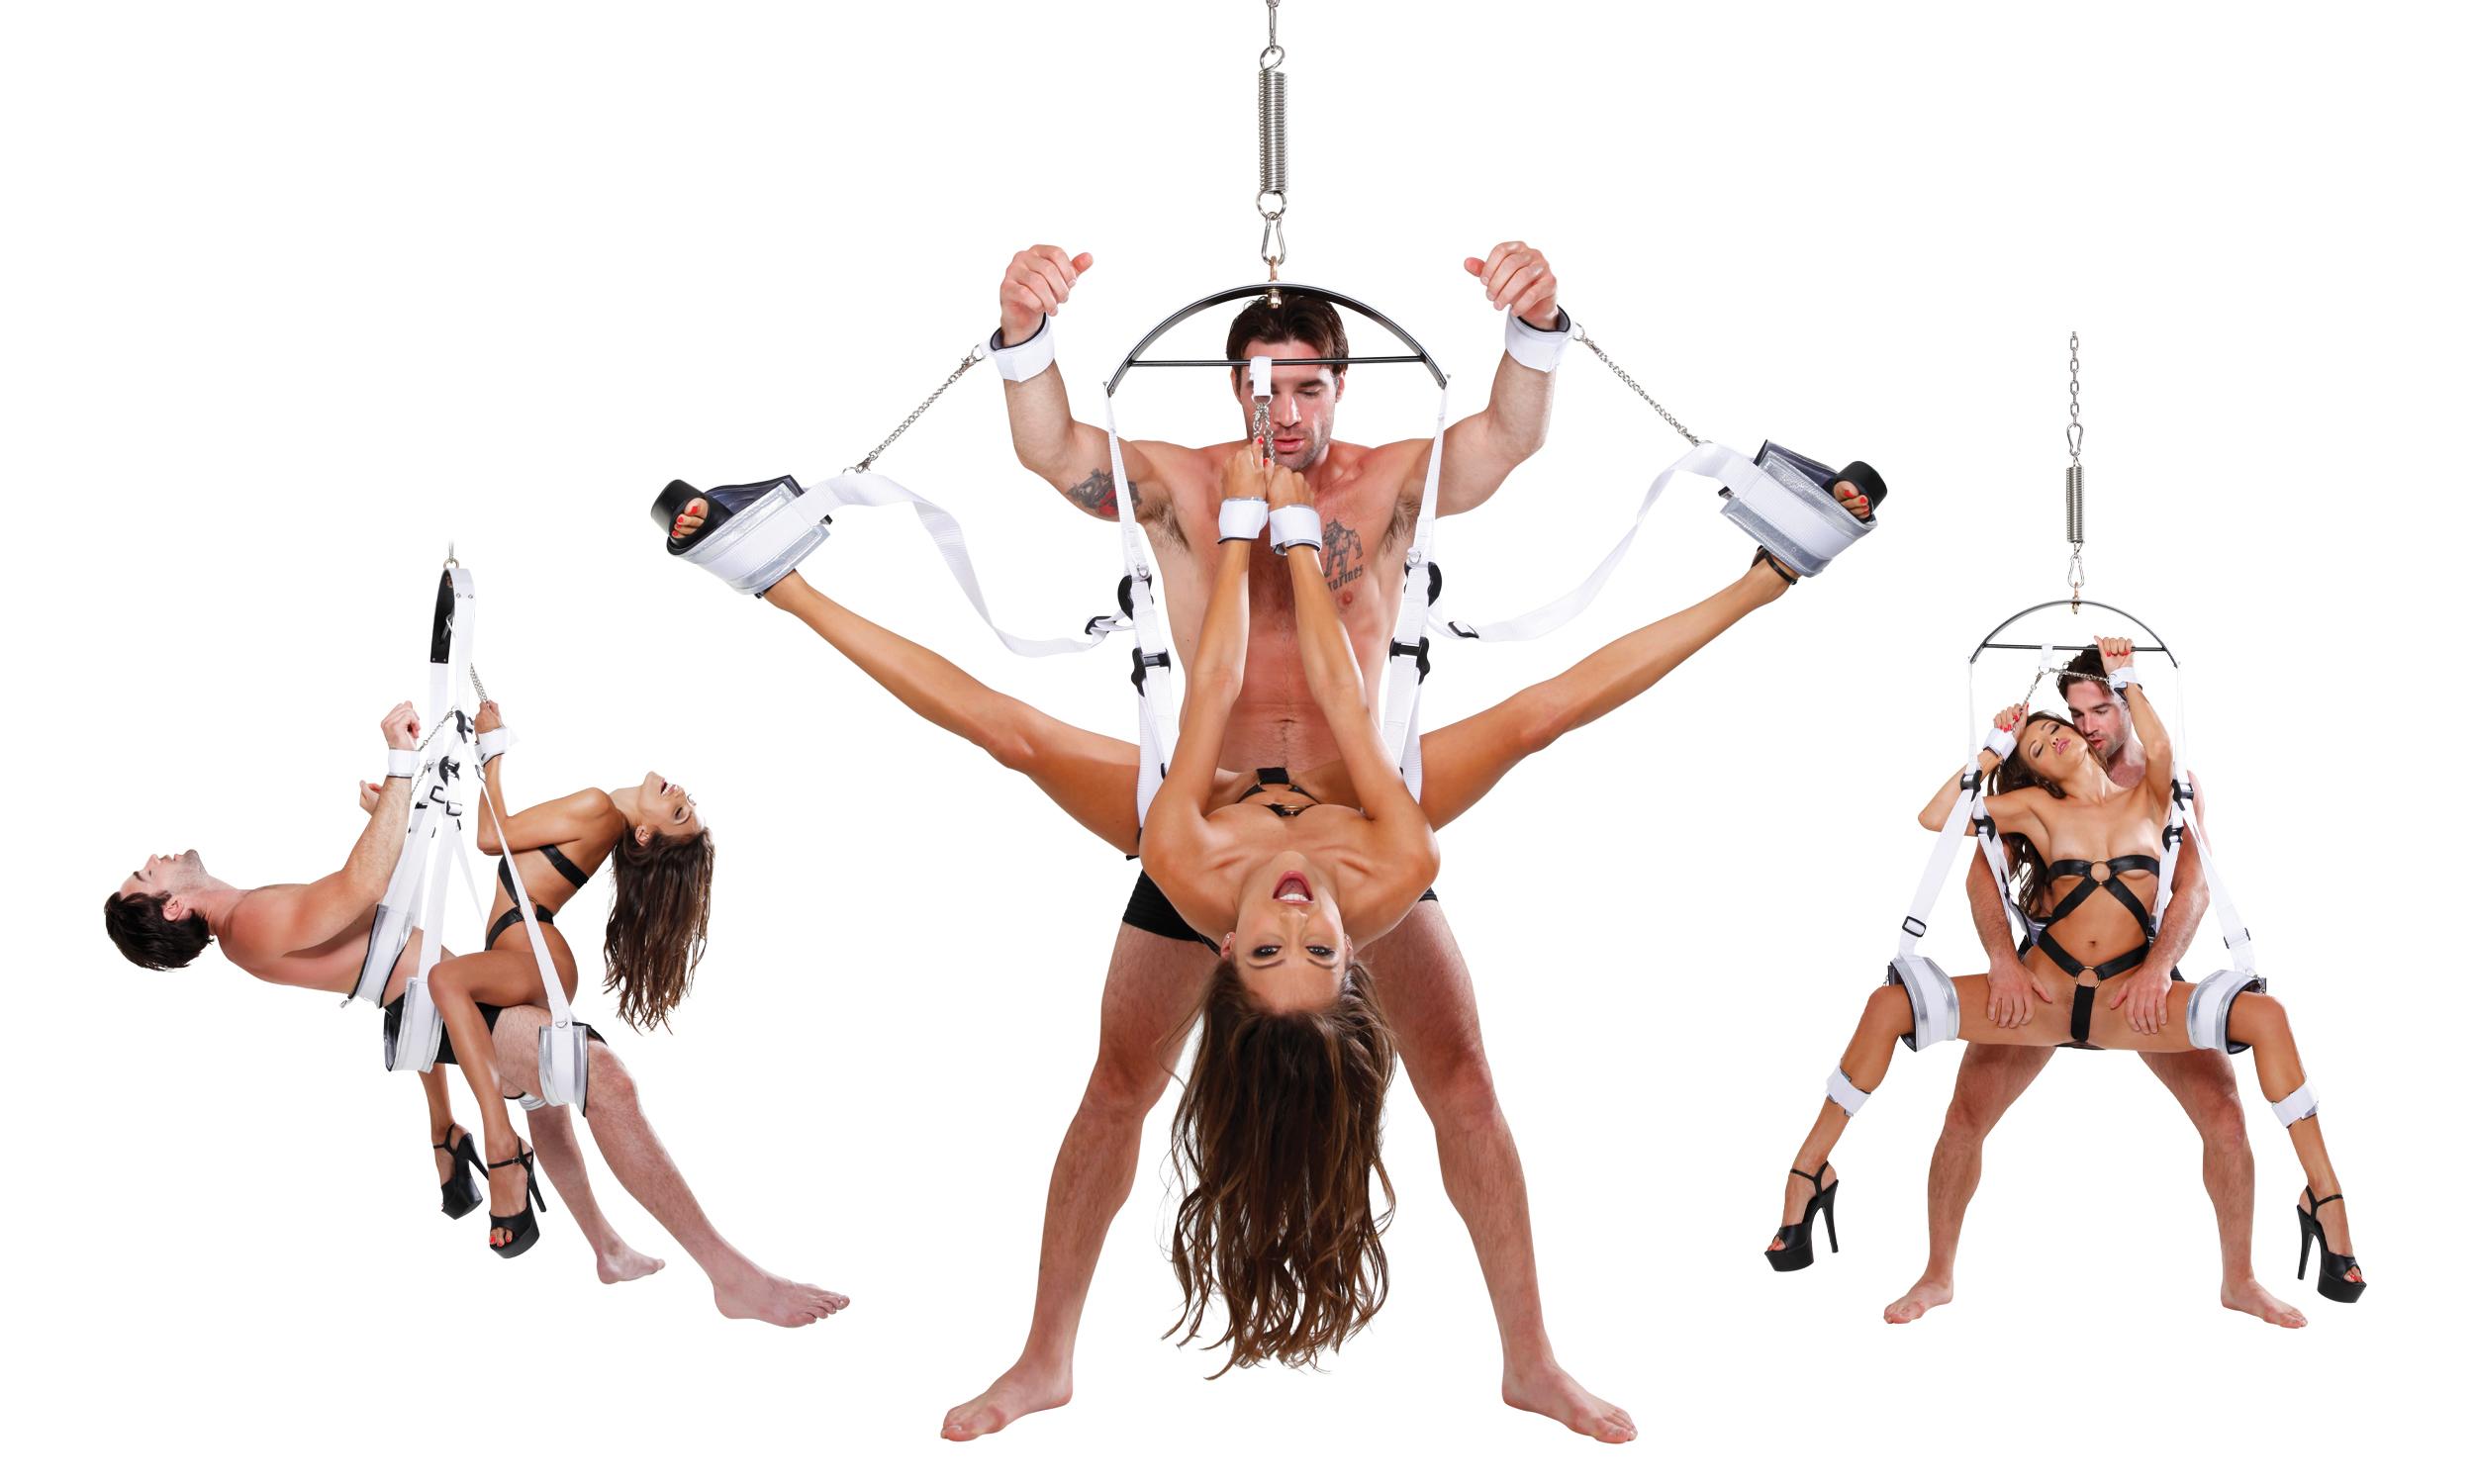 Сексуальные игрушки и их применение 9 фотография